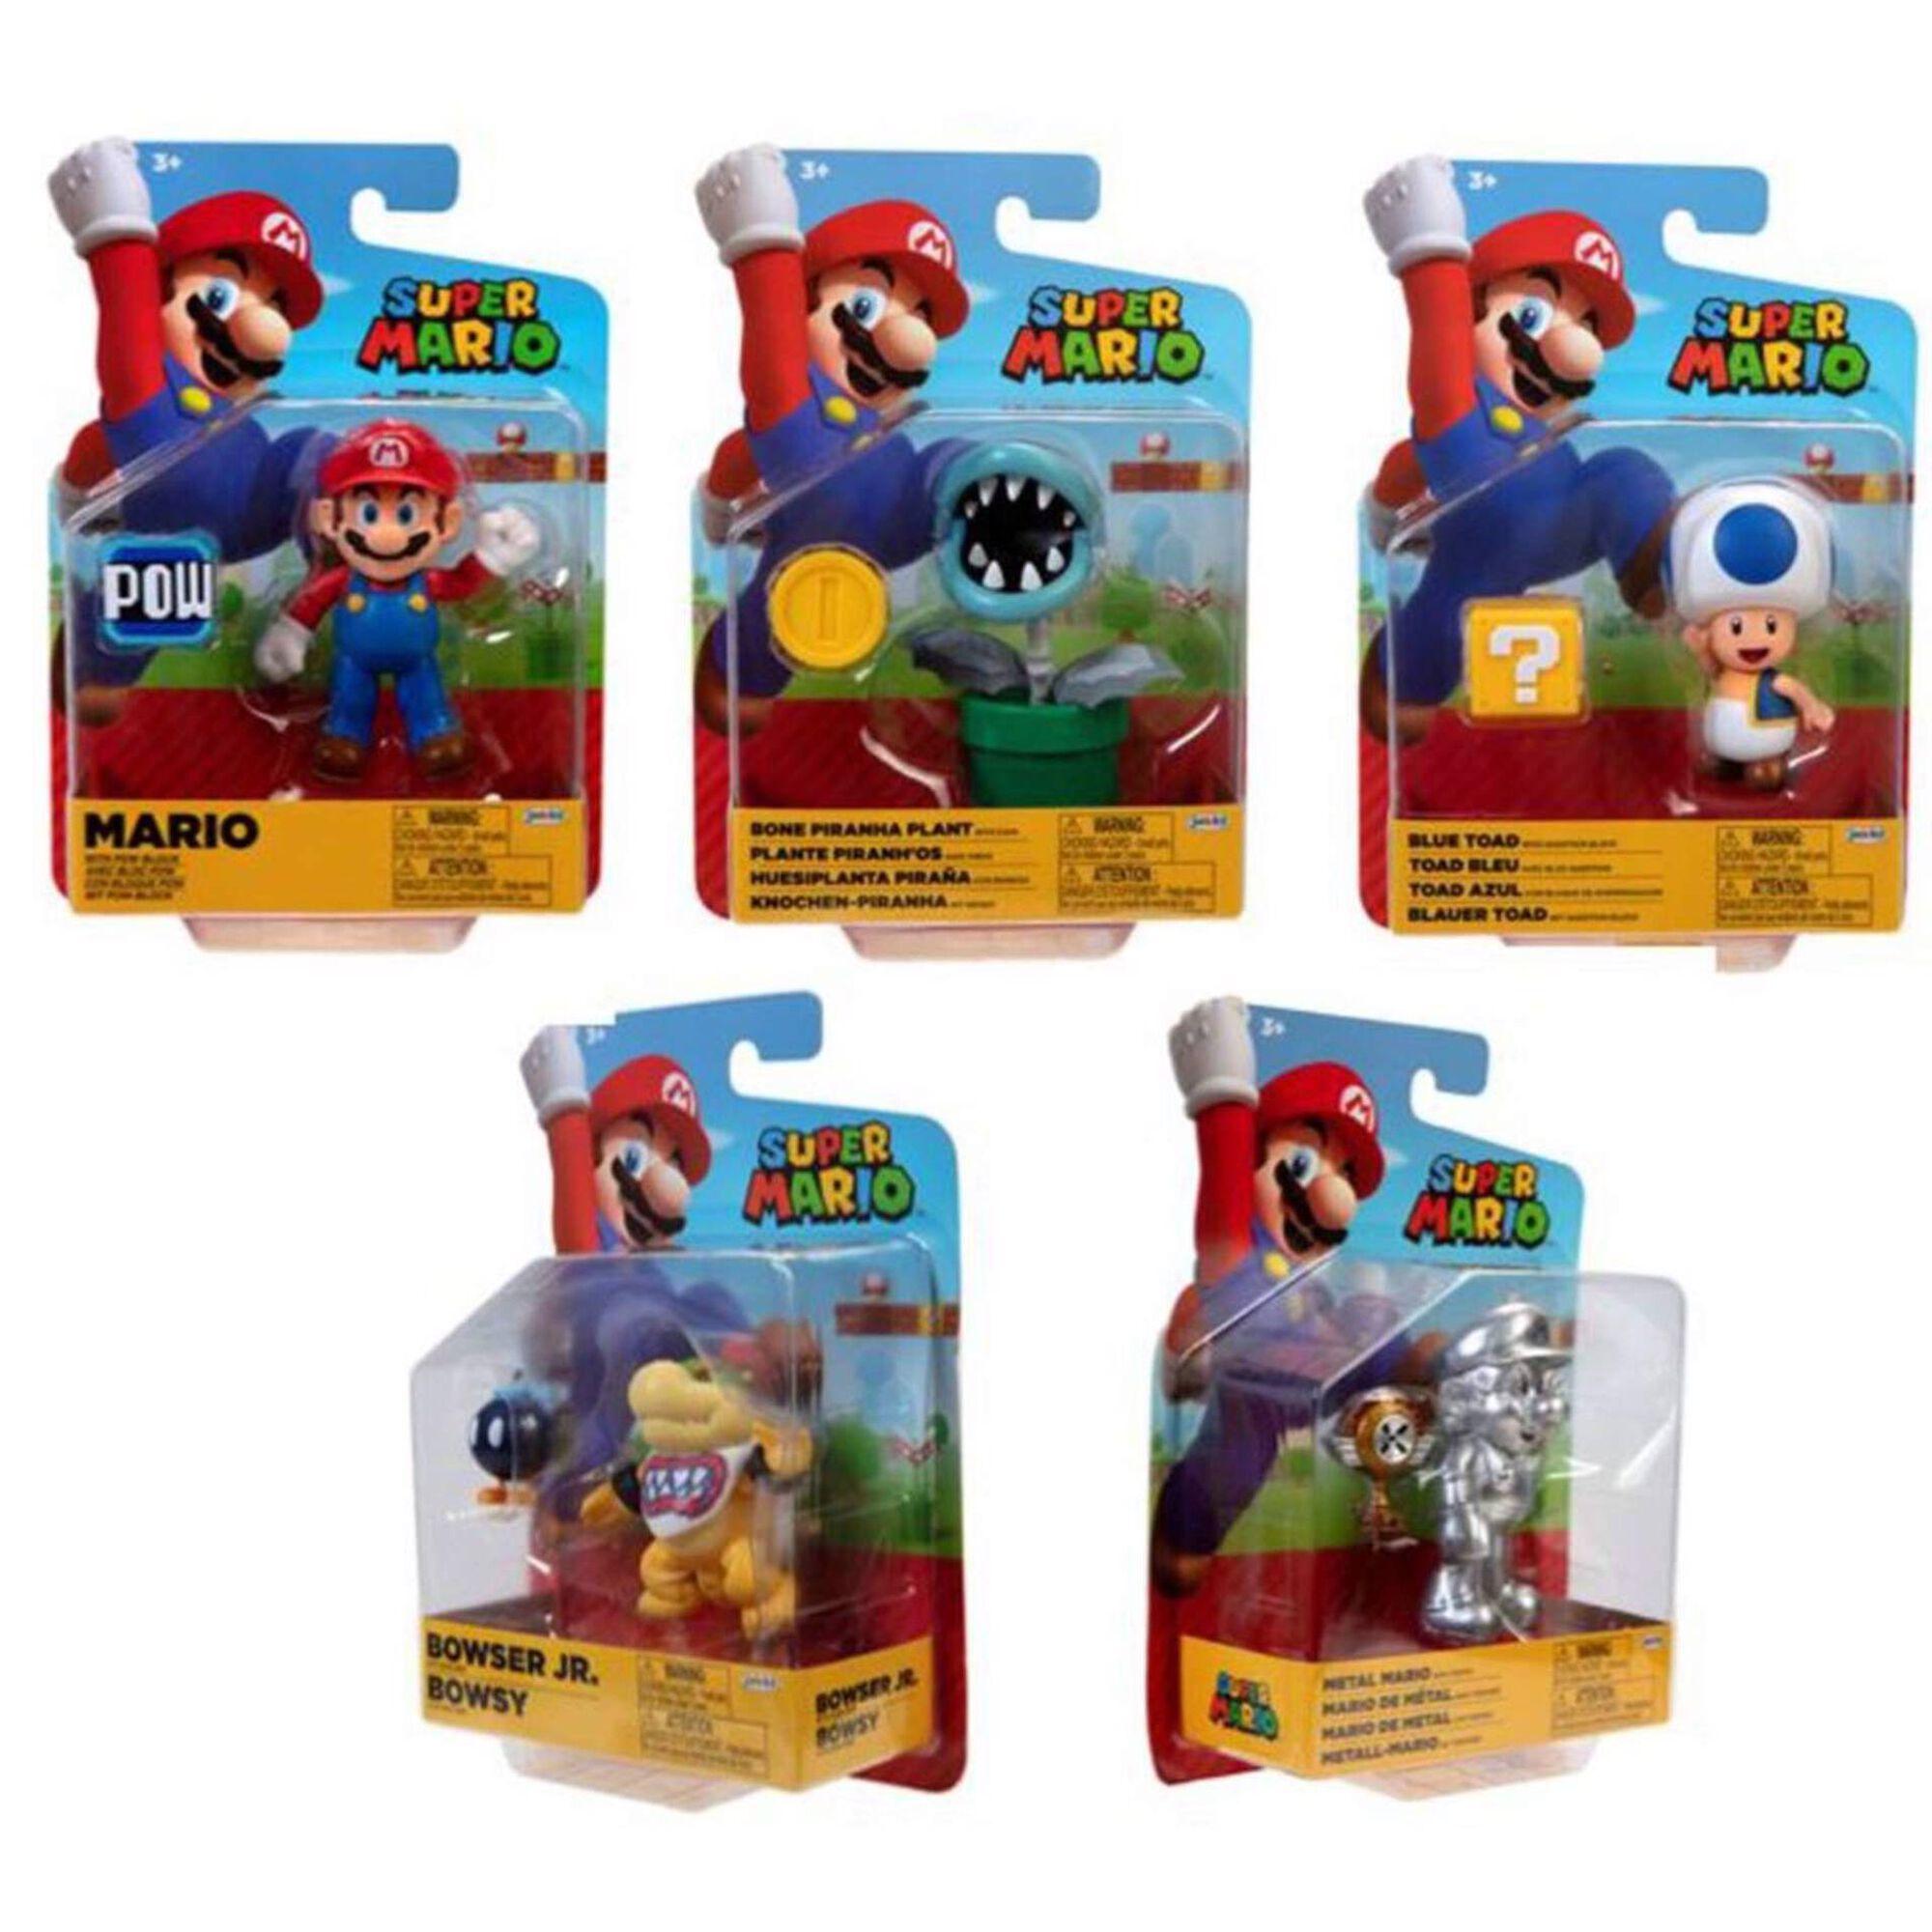 Figuras Básicas Super Mário (vários modelos)